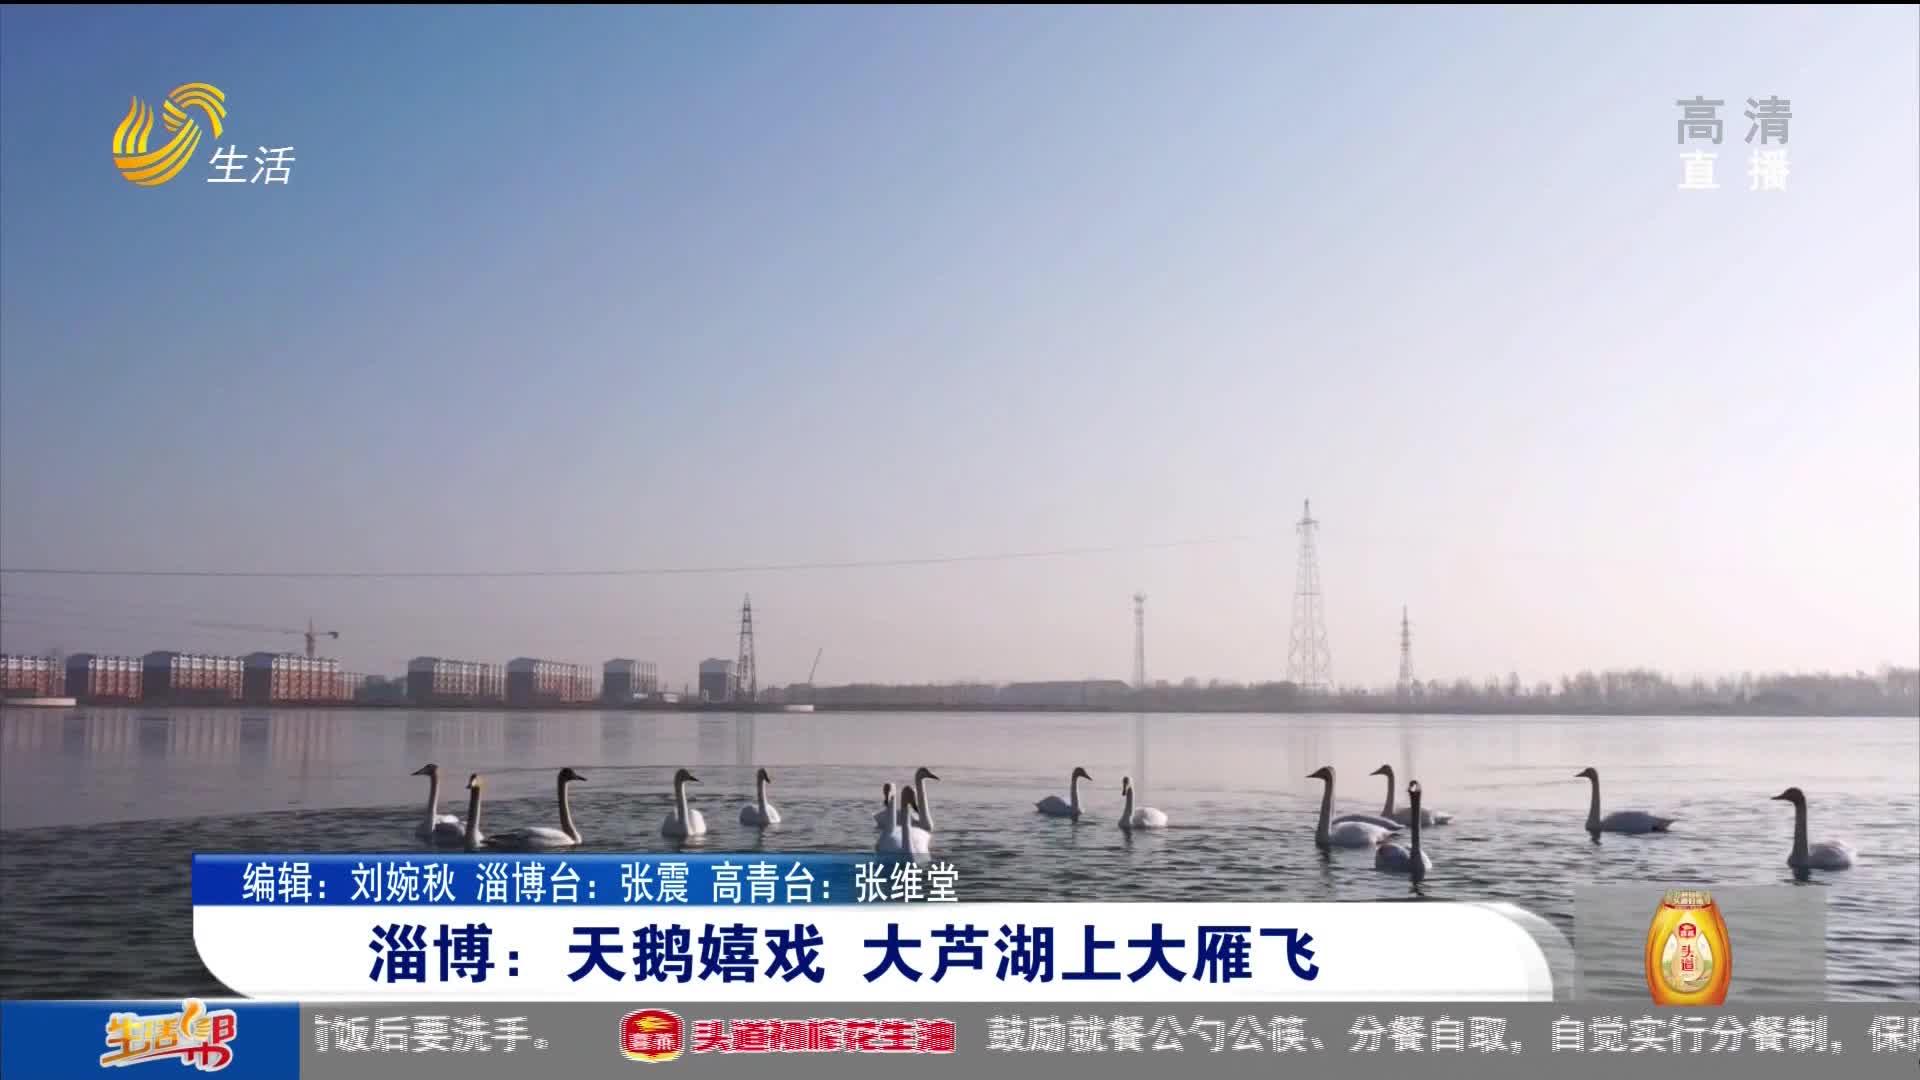 淄博:天鹅嬉戏 大芦湖上大雁飞